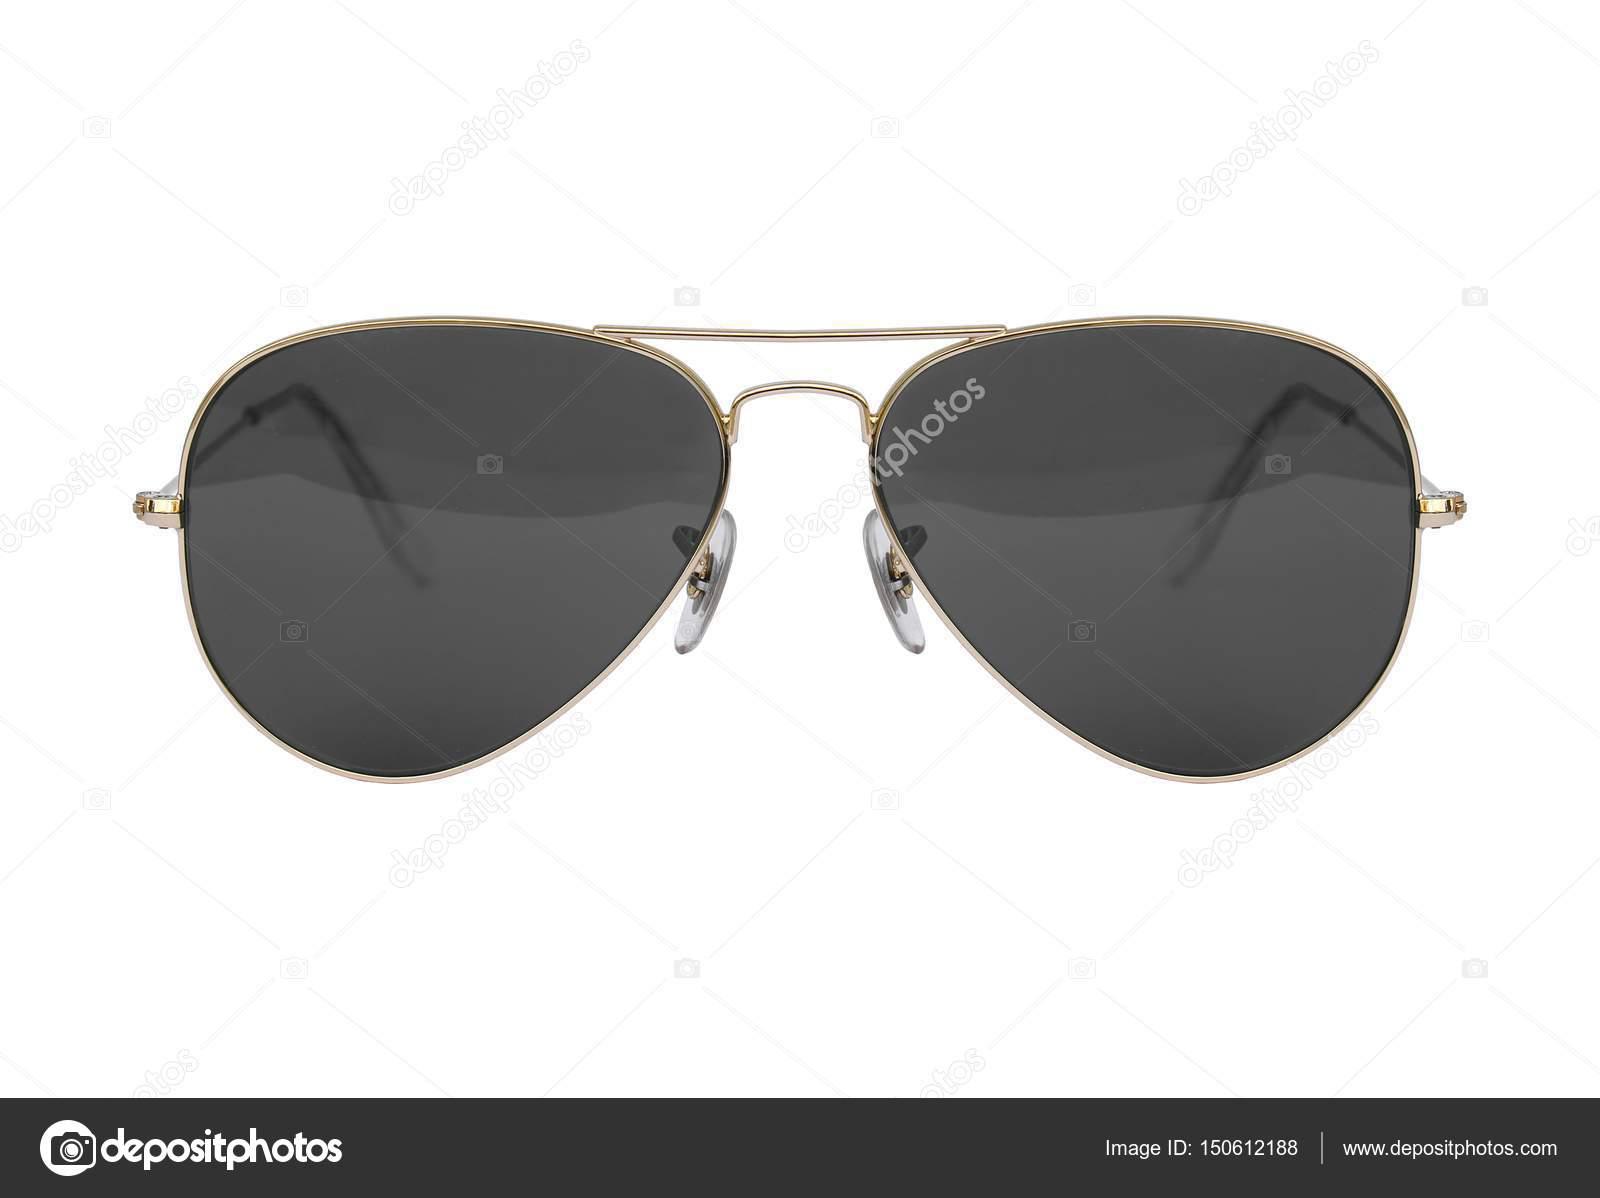 Gafas de sol, estilo aviador — Fotos de Stock © Artfully79 #150612188